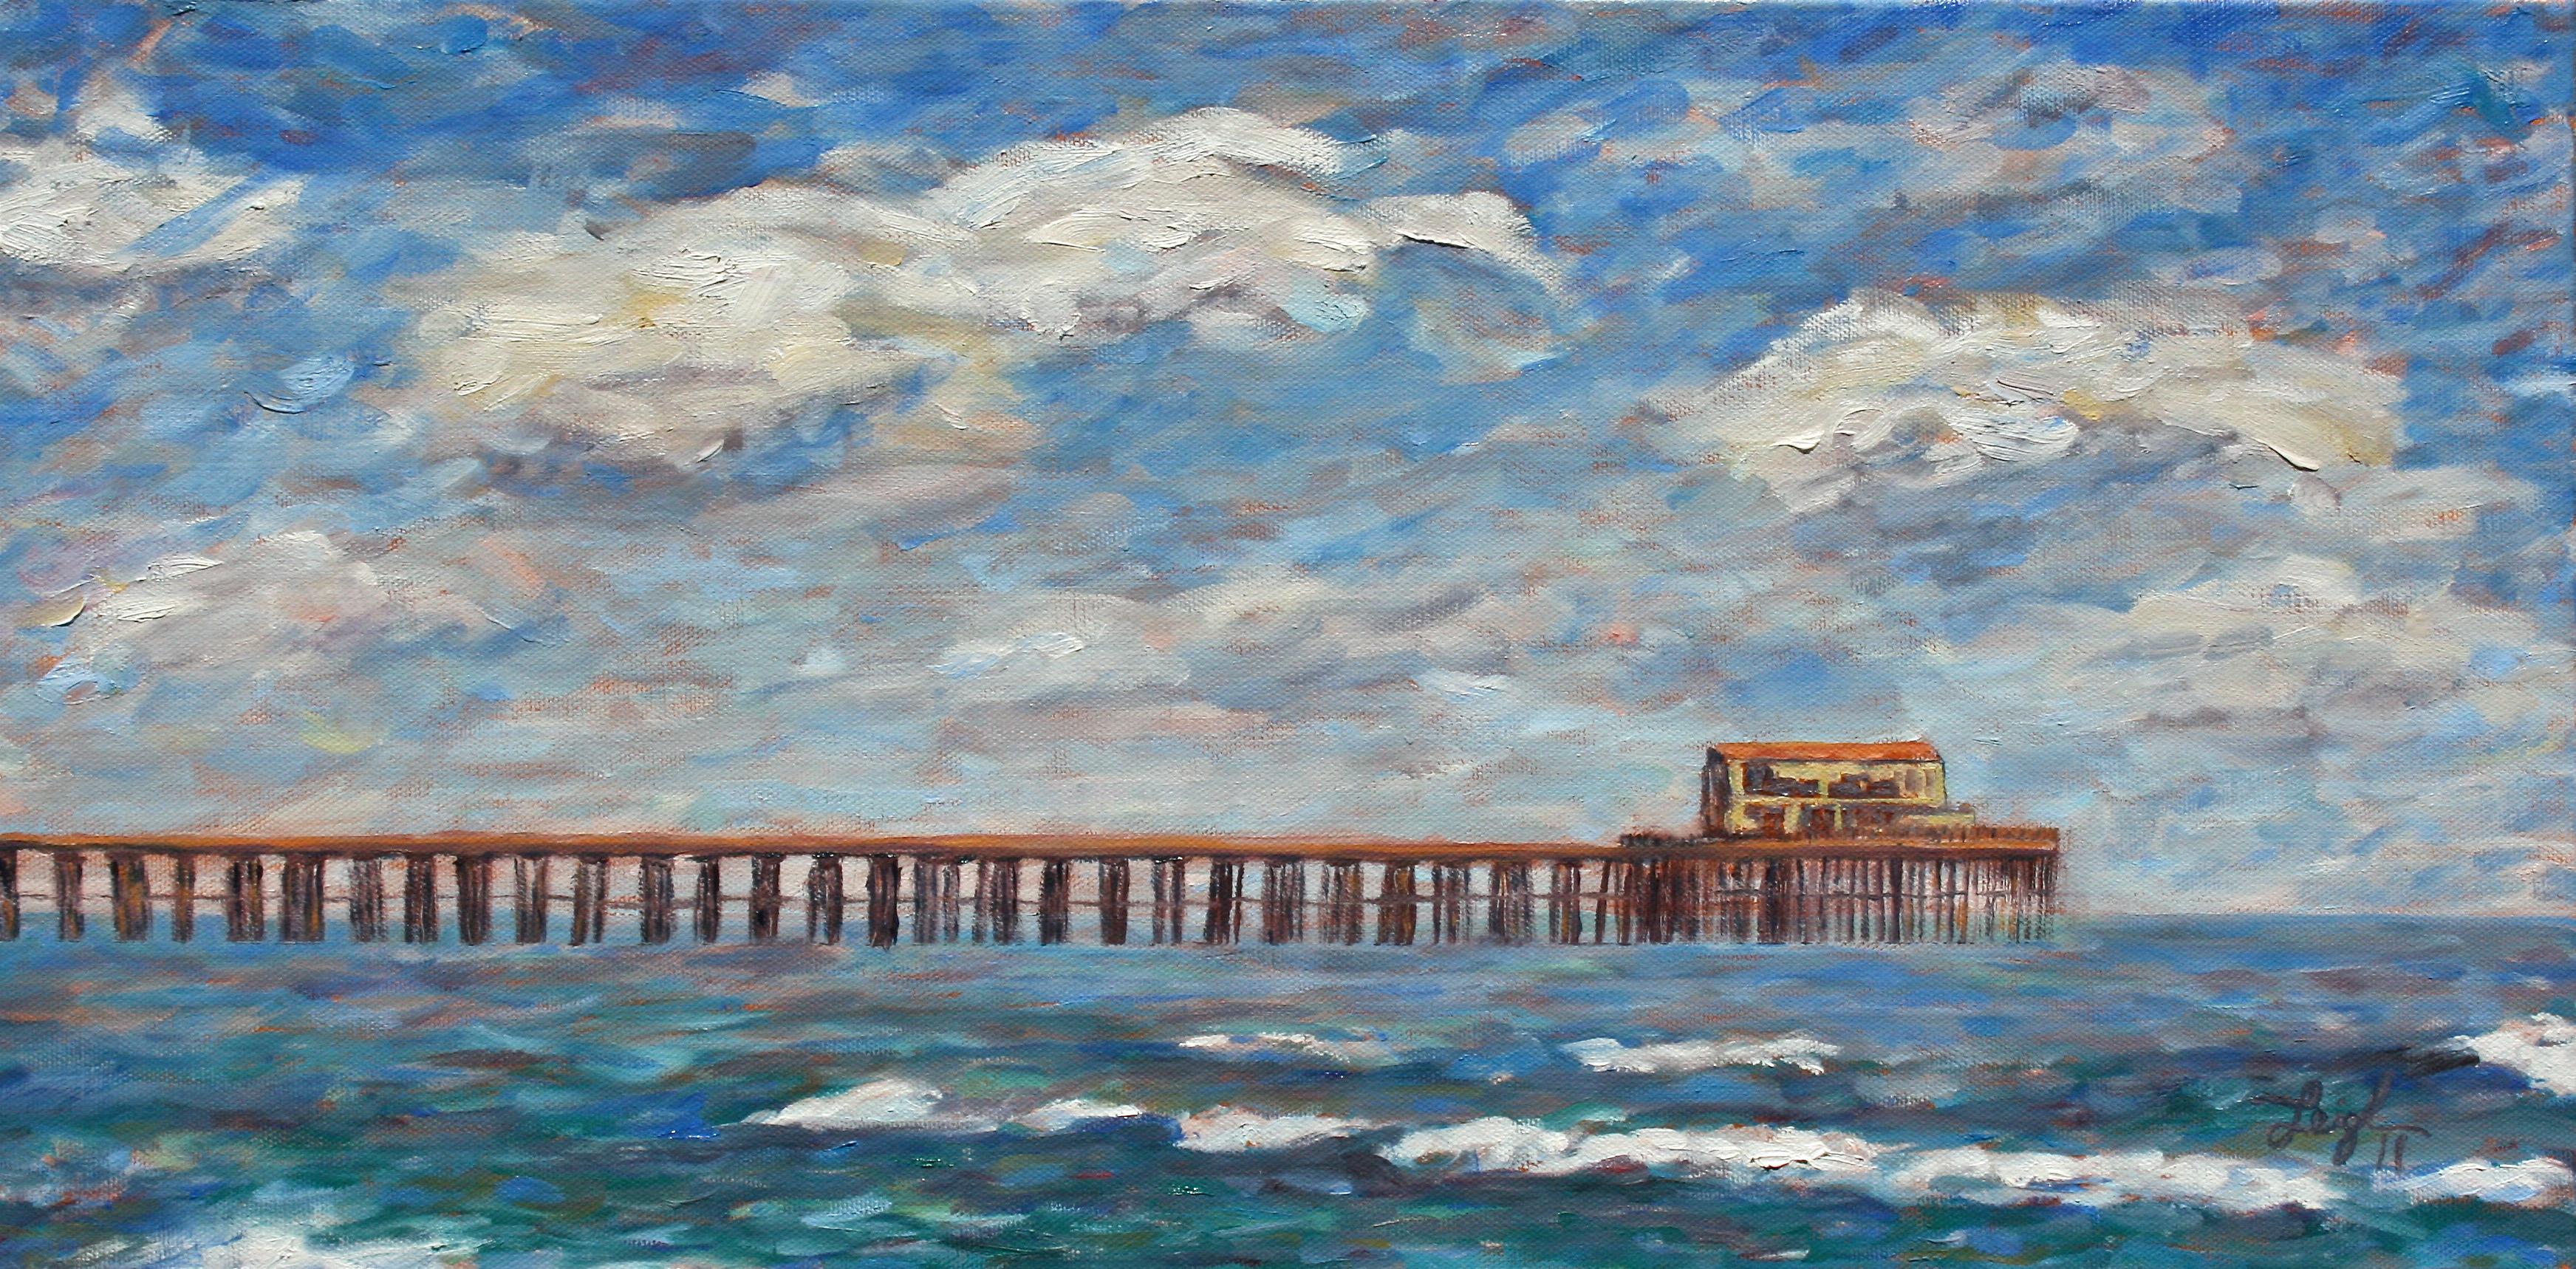 Oceanside Pier  ~   Marilyn Vanderweit, Carlsbad, CA 2011  •  24 x 12